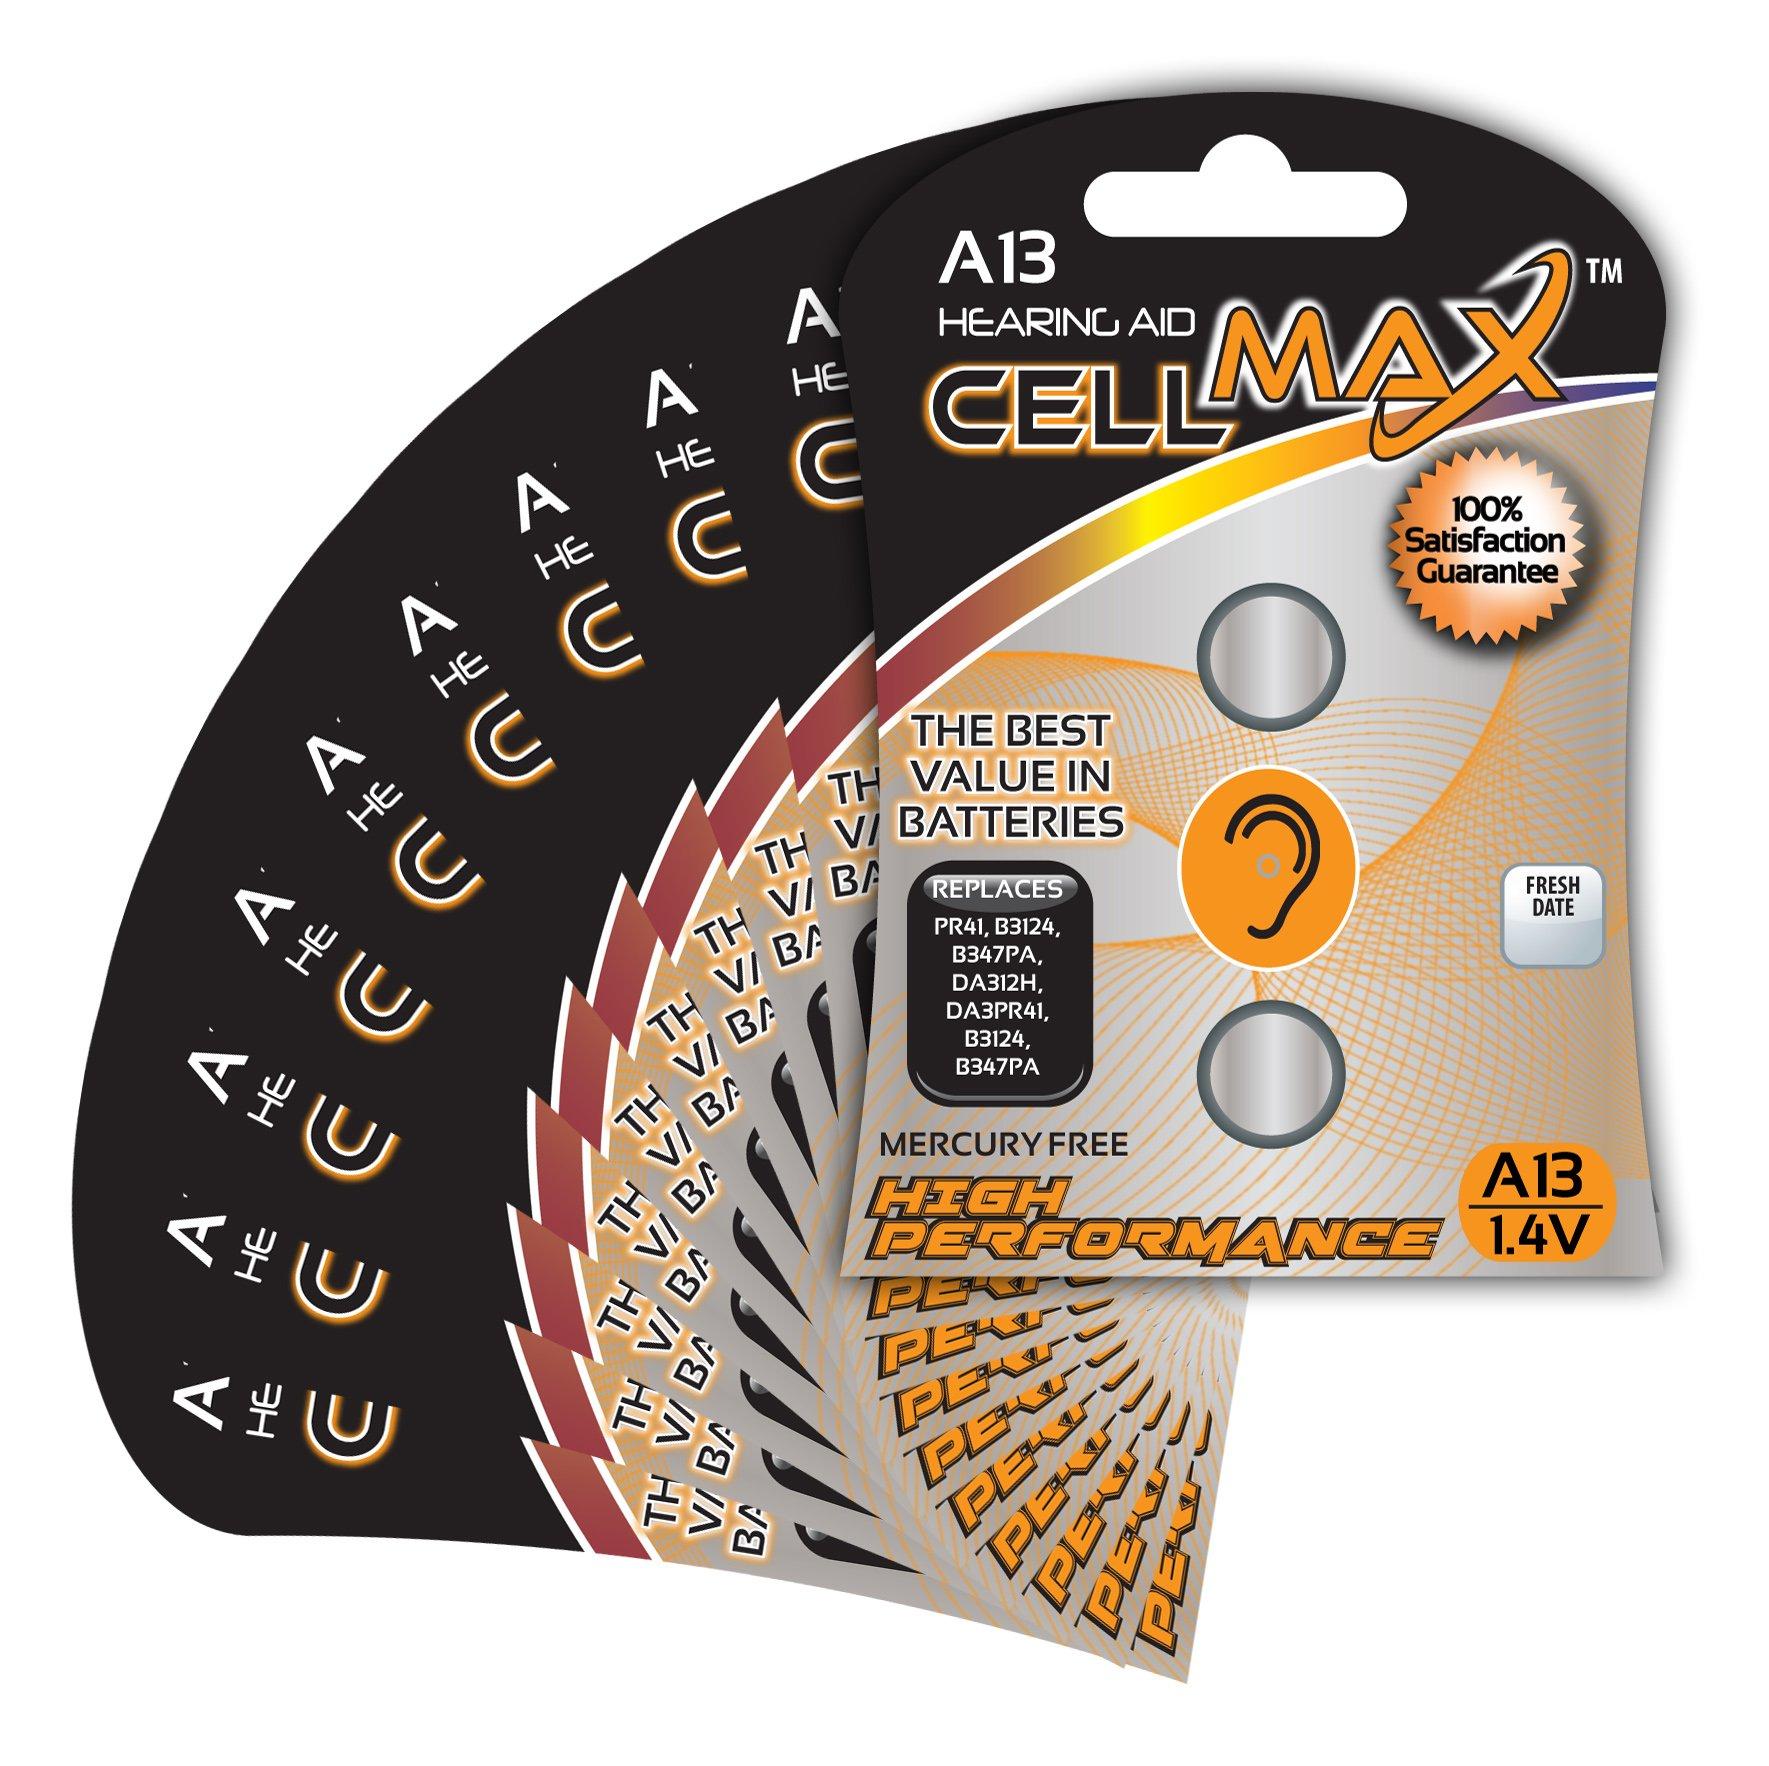 CellMax CM-A13-BP2 - (20) Zinc Air Hearing Aid A13 Batteries (10, 2-Packs)